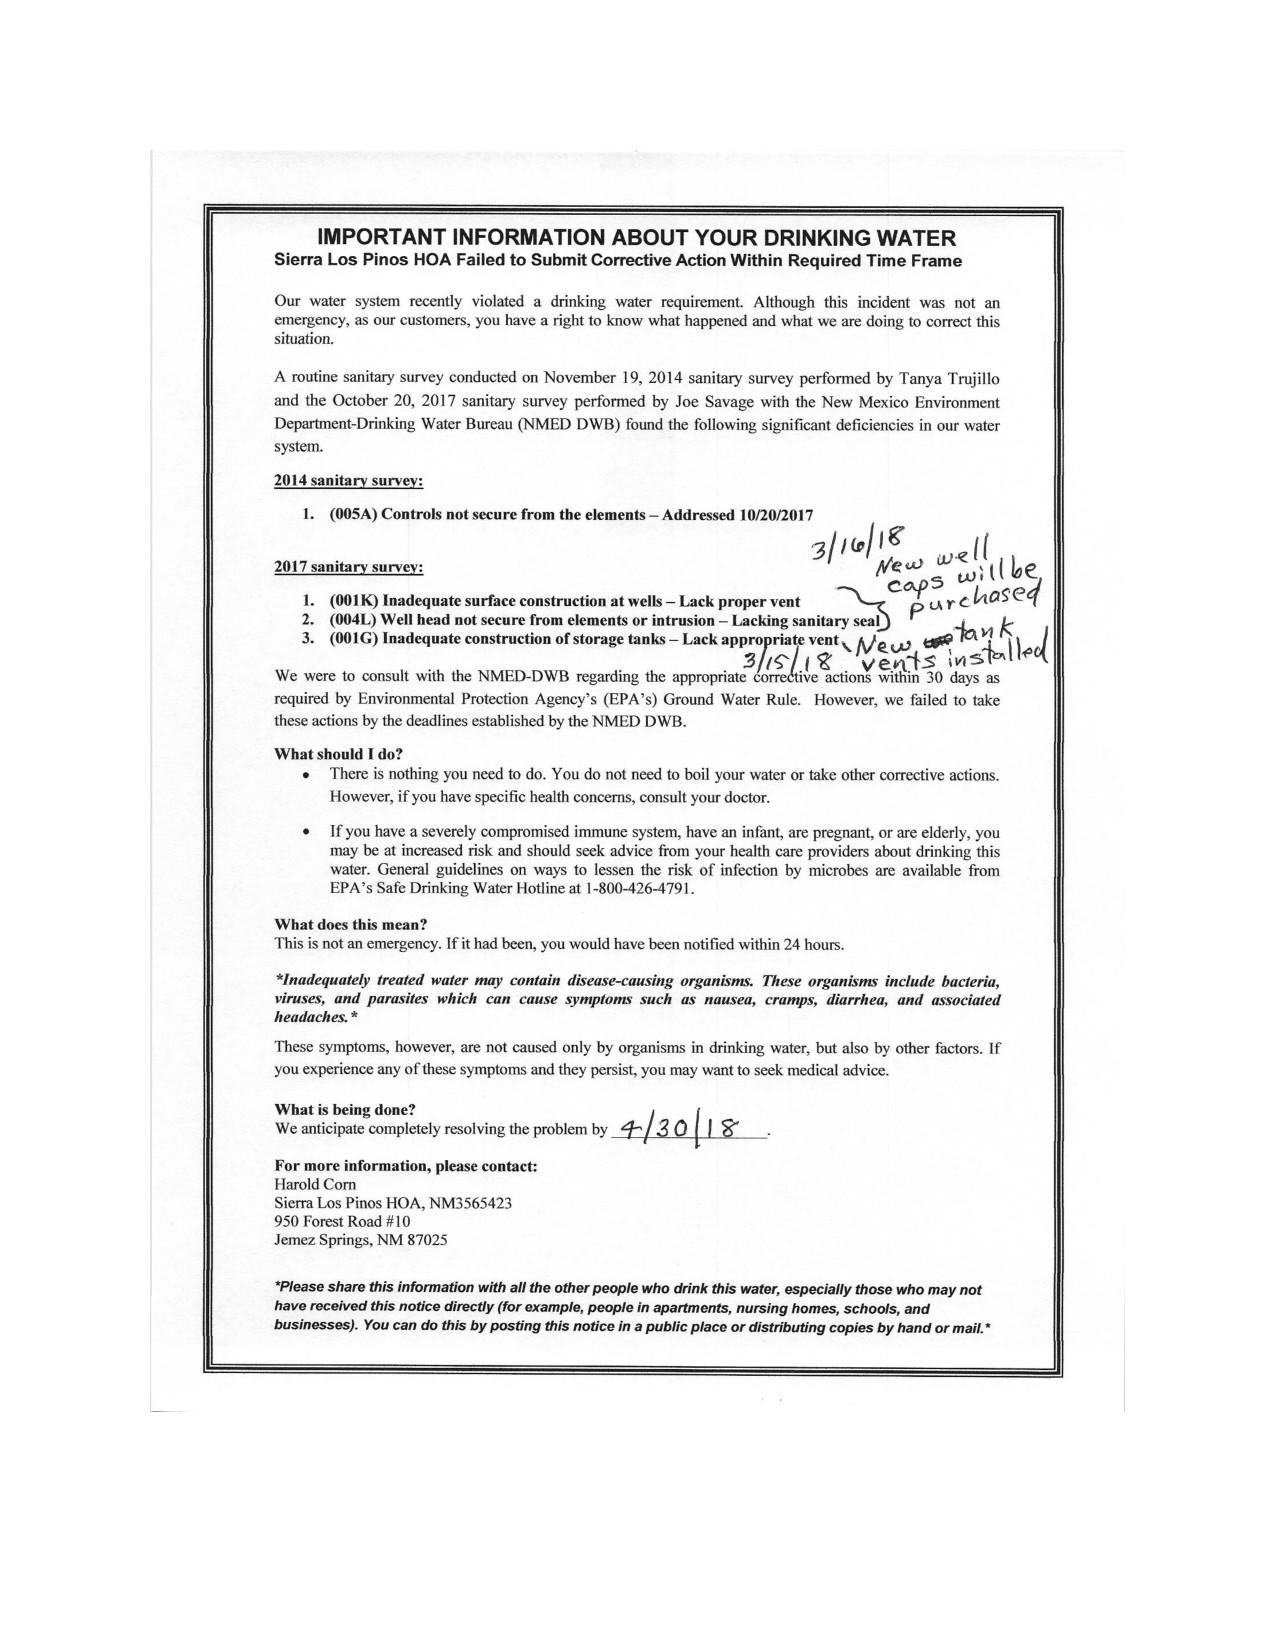 2017 Nmed Sanitary Survey 120 Day Certification For Slppoa